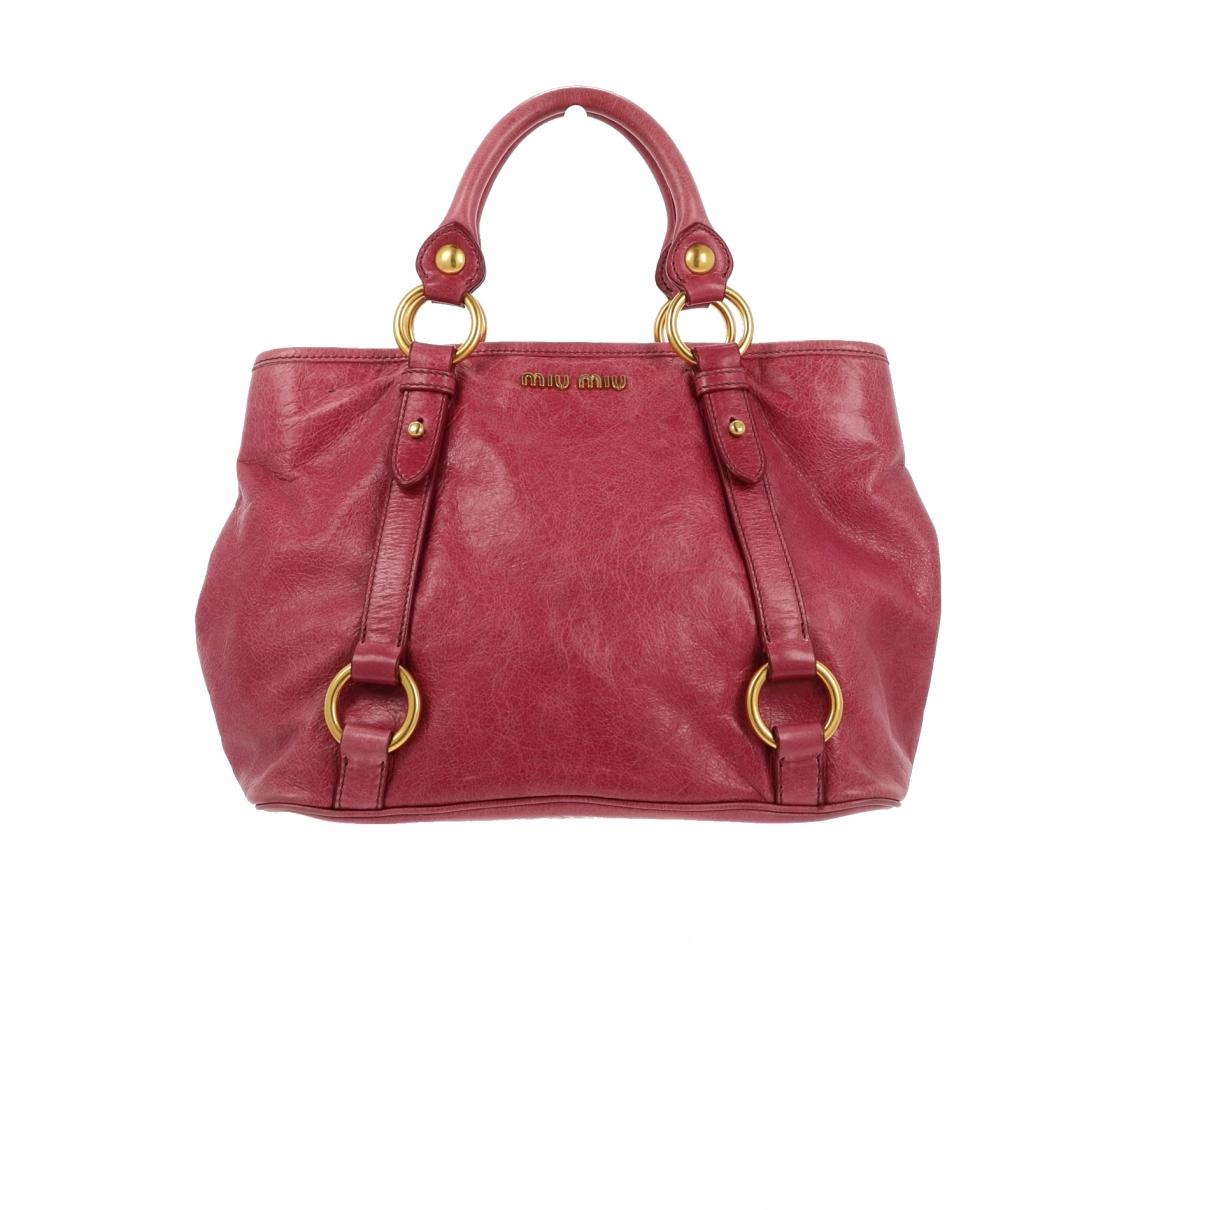 Miu Miu Bow bag Handtasche in  Rosa Leder